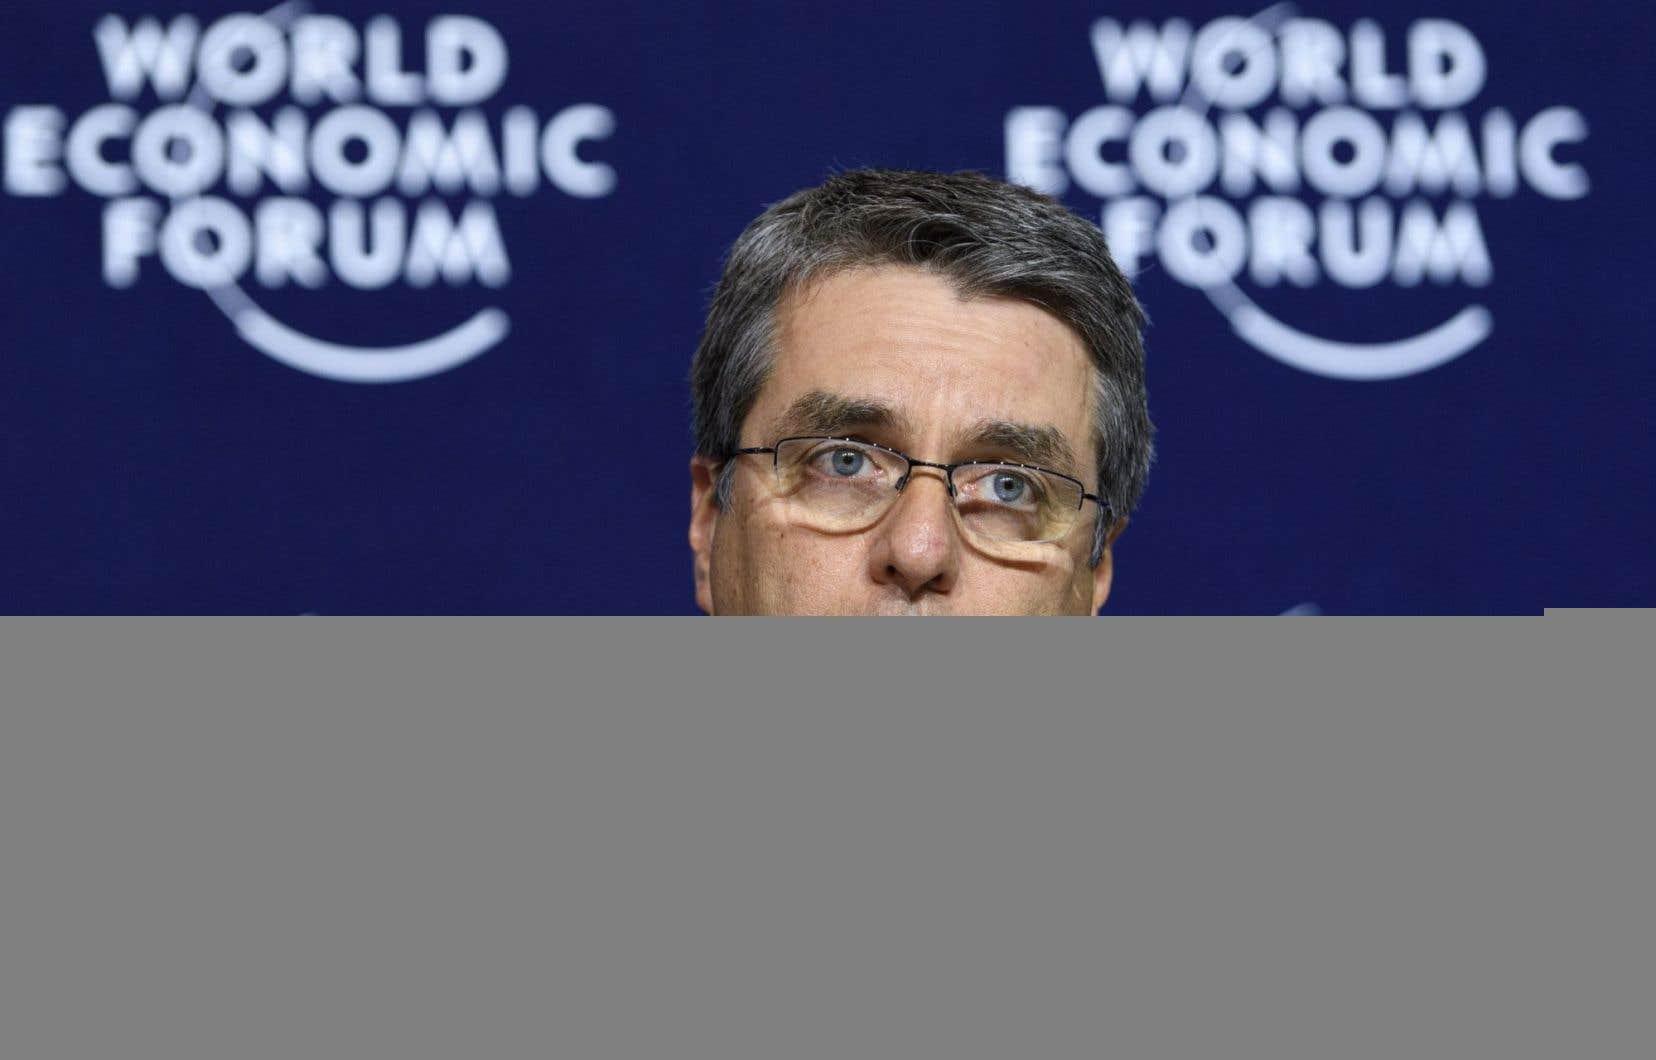 Le directeur général de l'Organisation mondiale du commerce, Roberto Azevedo